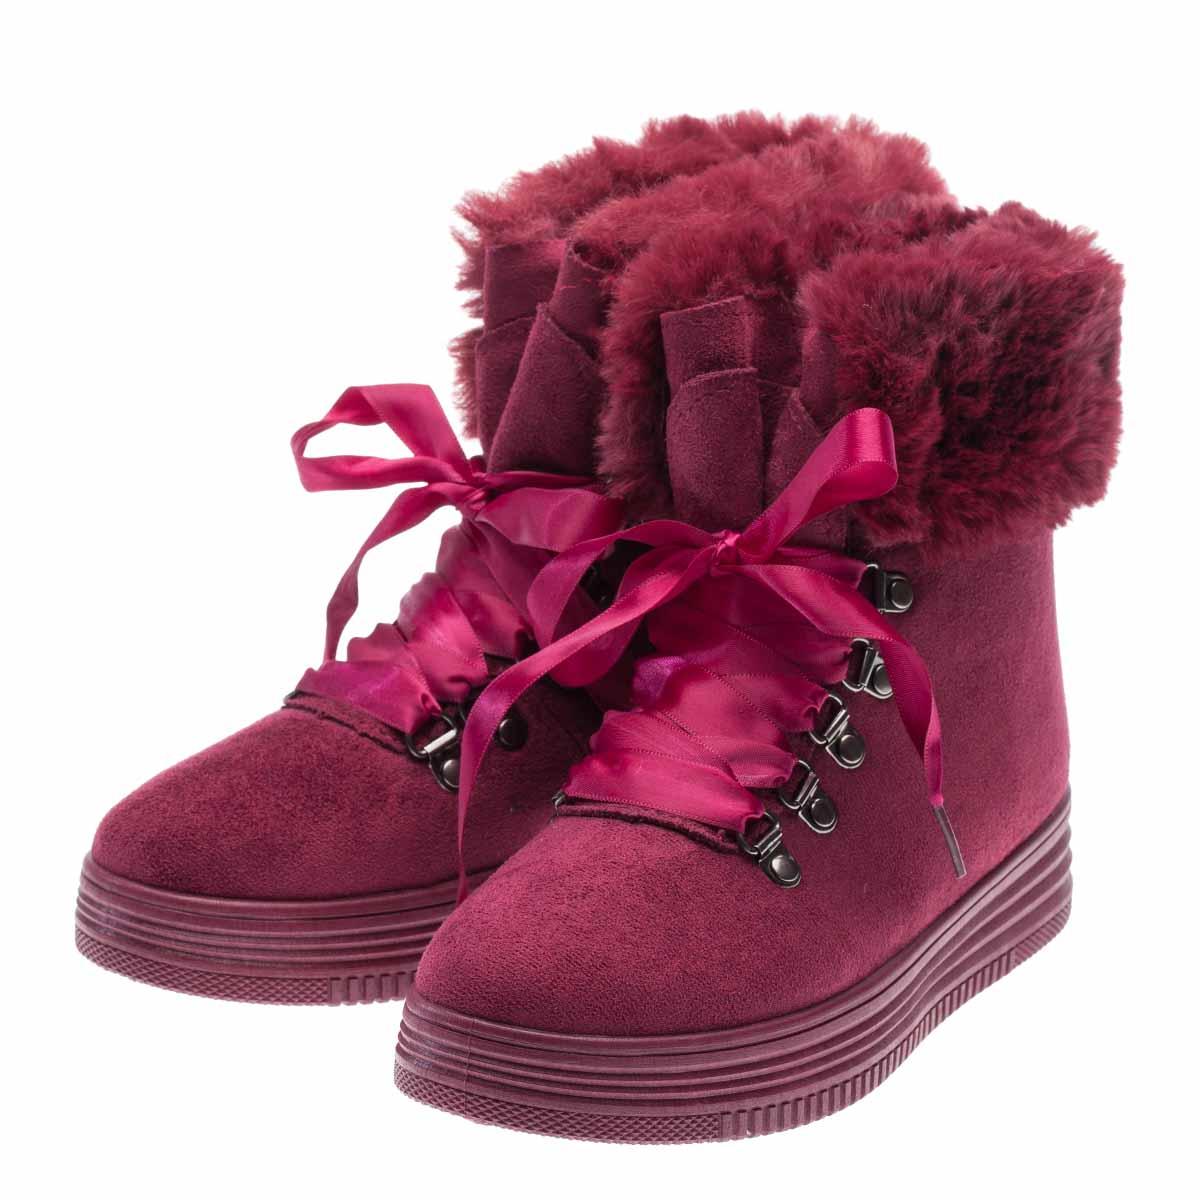 Ботинки демисезонные FERTO, N1804 демисезонные ботинки dior 2015 d995902